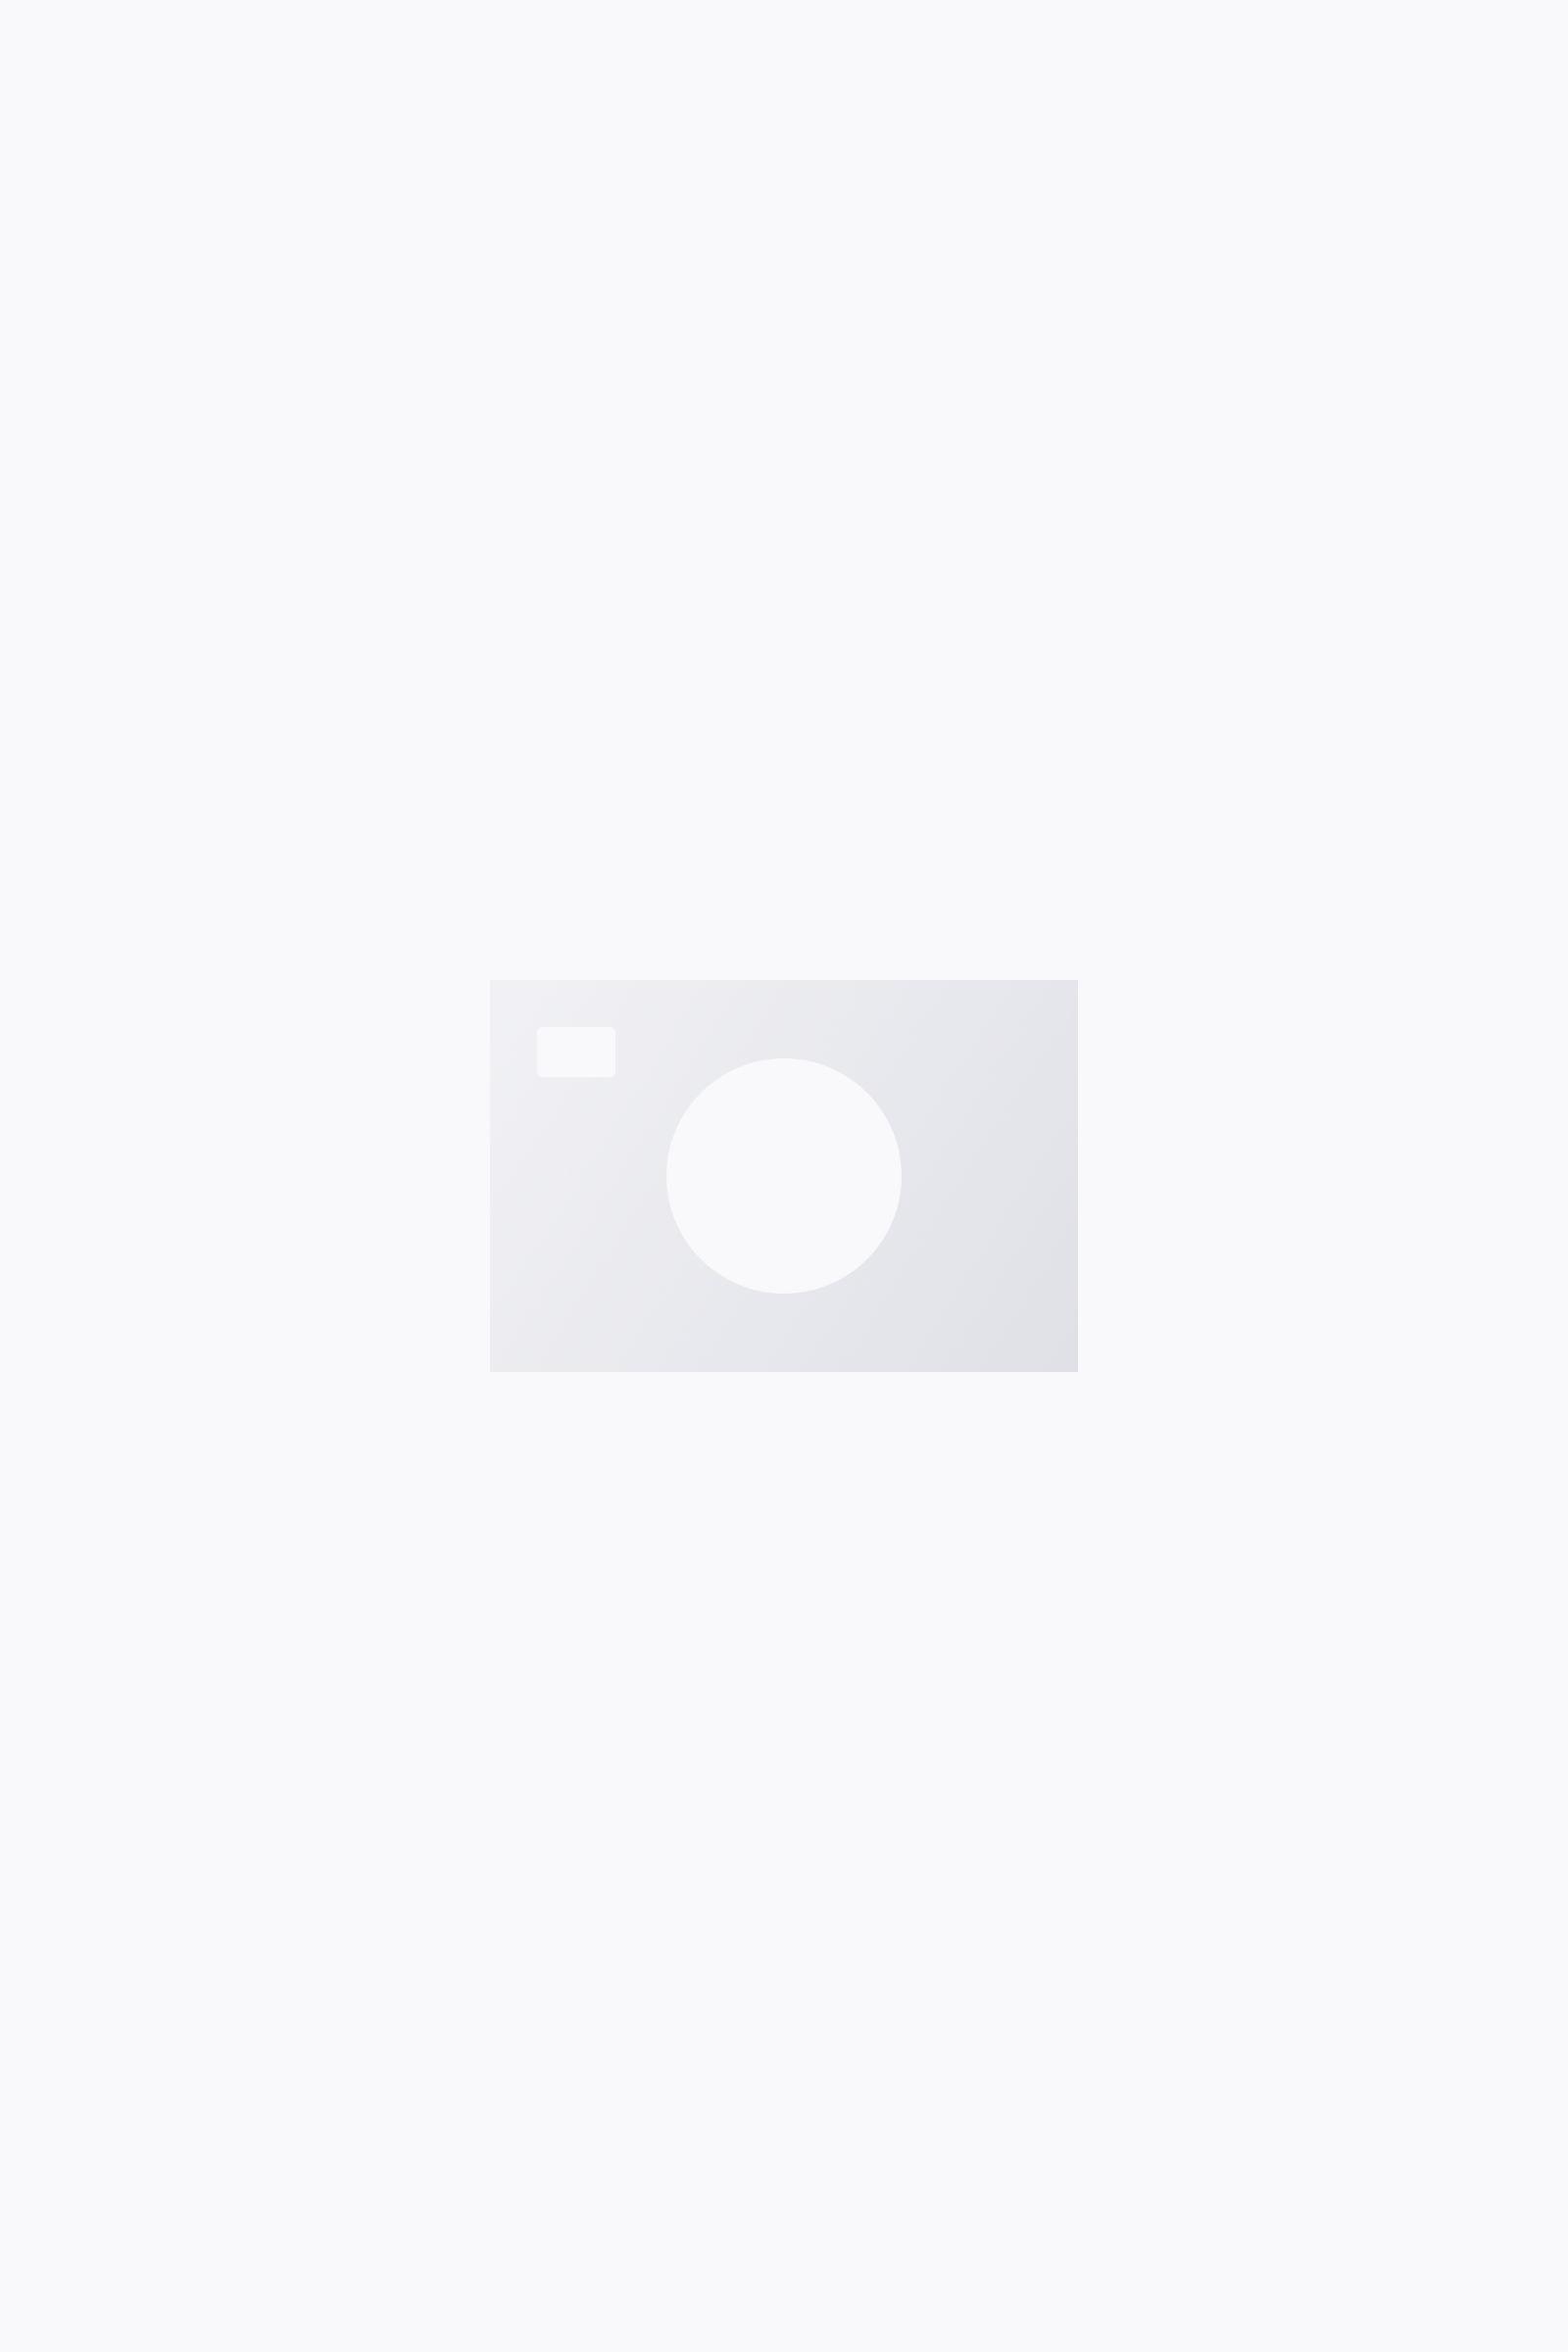 코스 후드 원피스 COS HOODED SWEATSHIRT DRESS,black